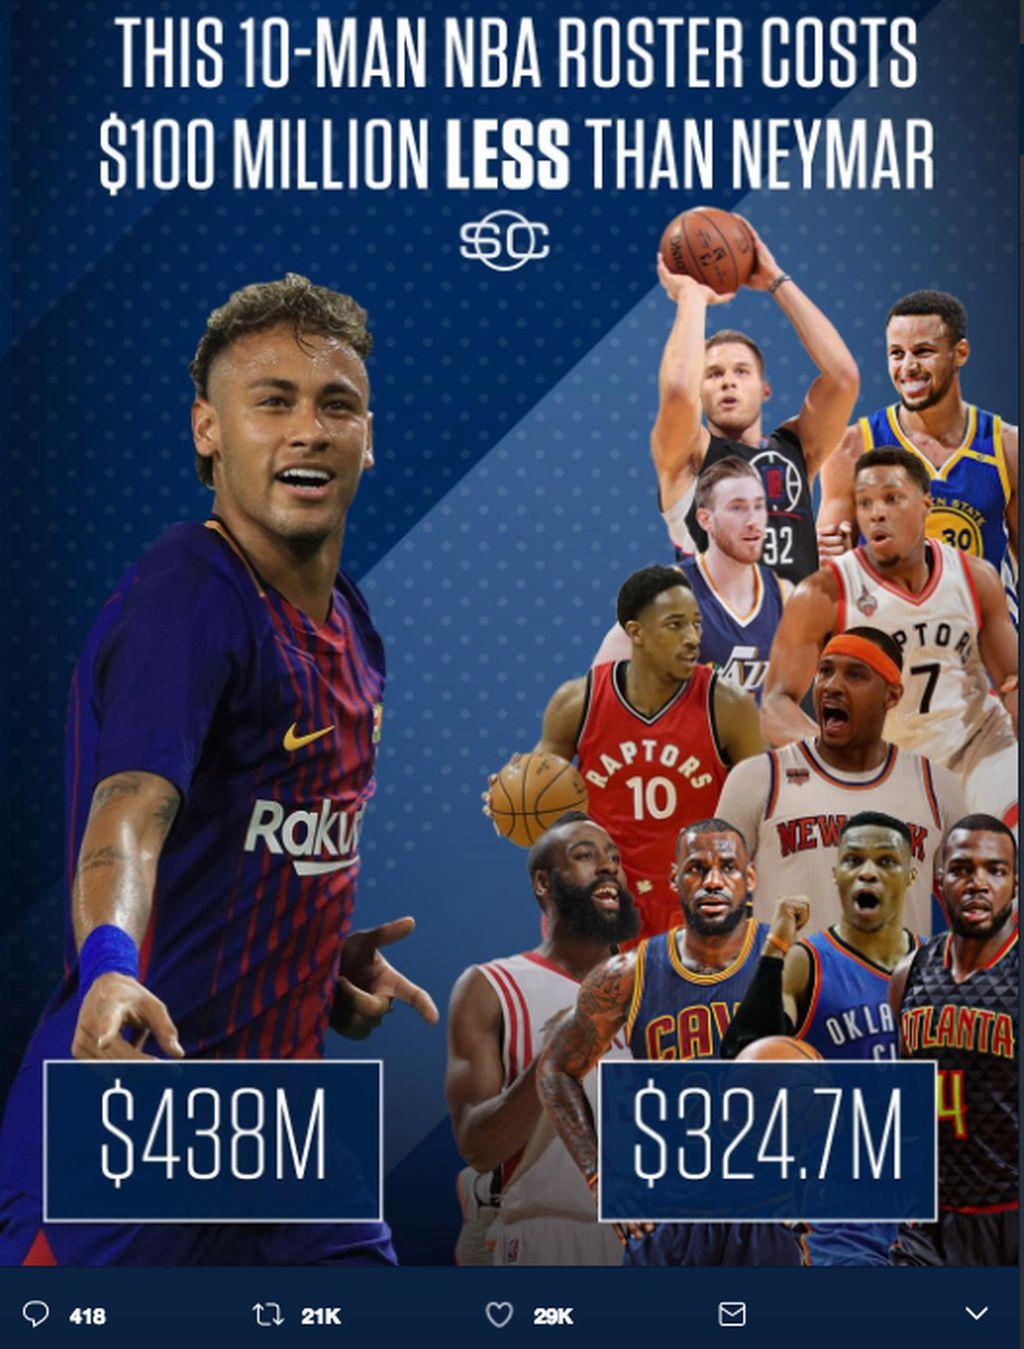 Harga Neymar dalam dolar AS lebih tinggi daripada sekumpulan pemain NBA. Foto: istimewa